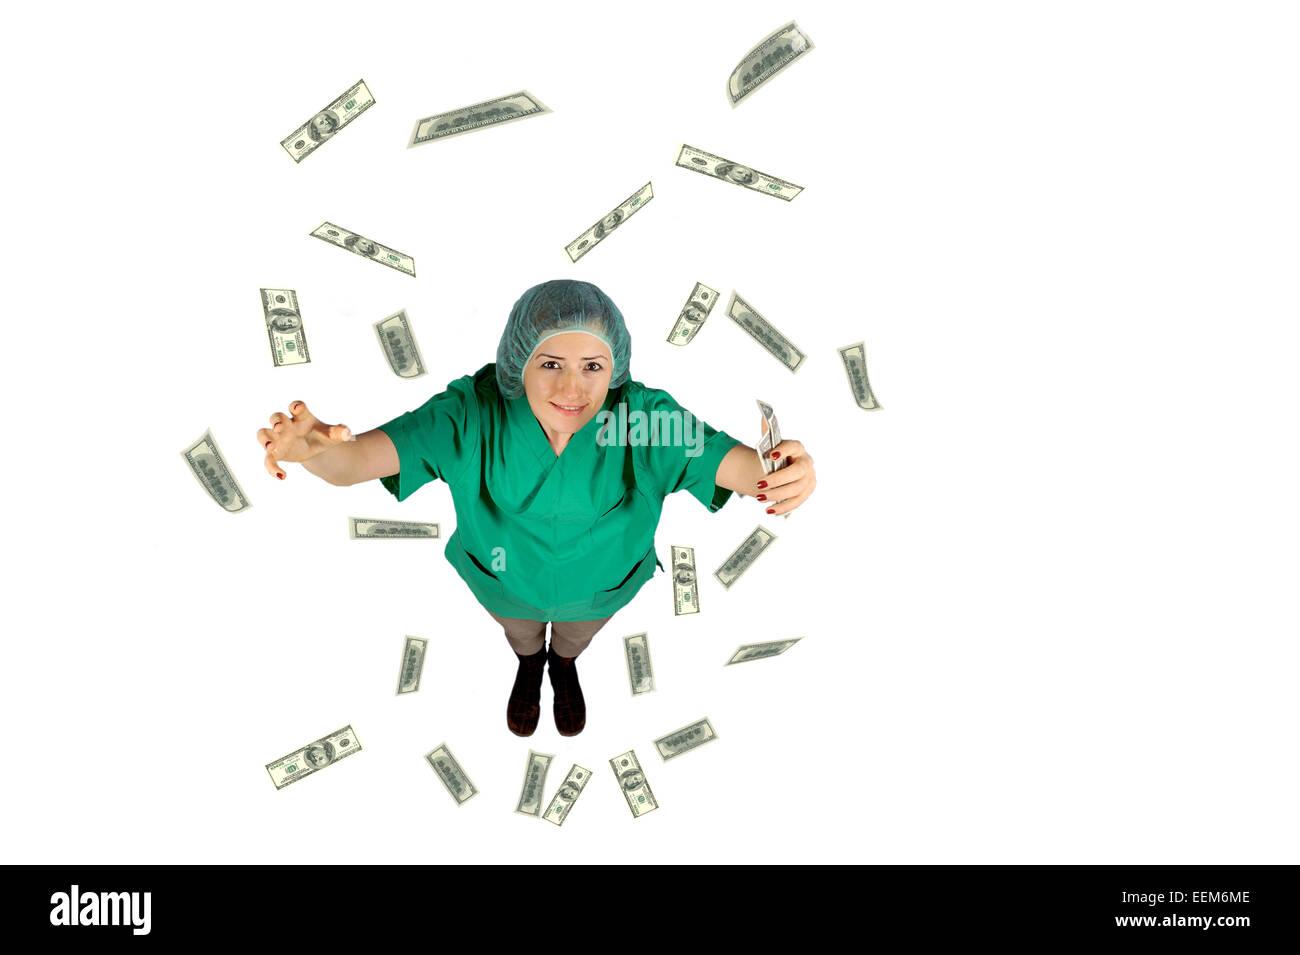 surgeon wages jackpot money flying dollar isolated on white background - Stock Image